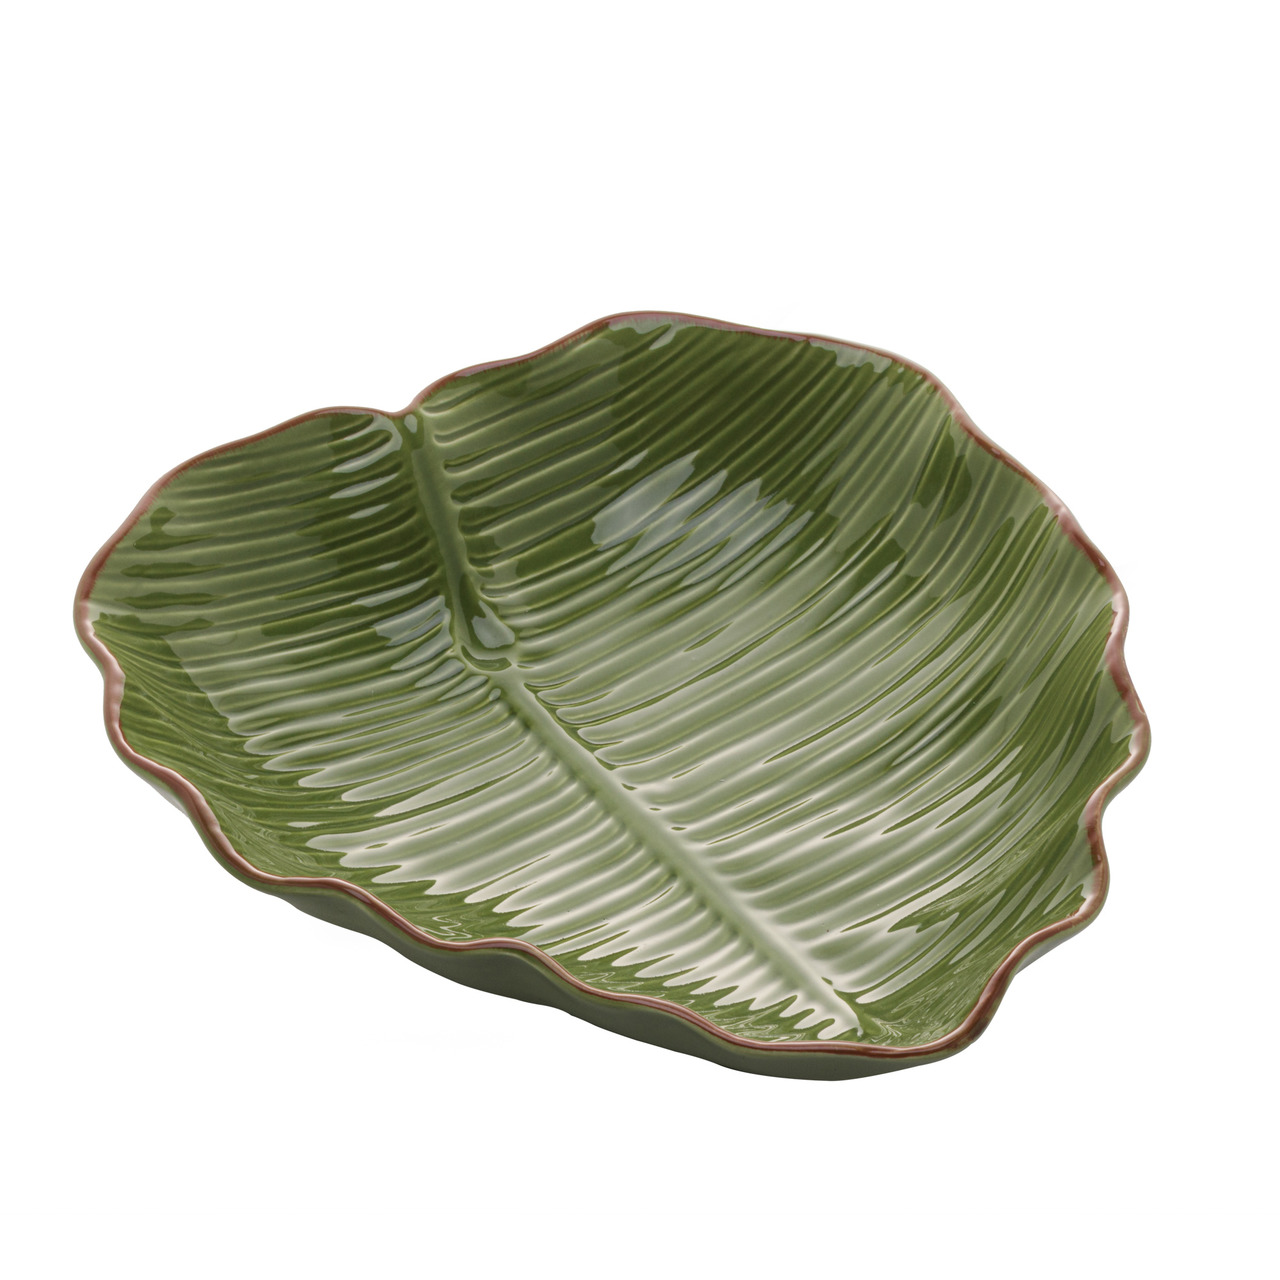 Prato decorativo 23,5 cm de cerâmica verde Banana Leaf Lyor - L4496